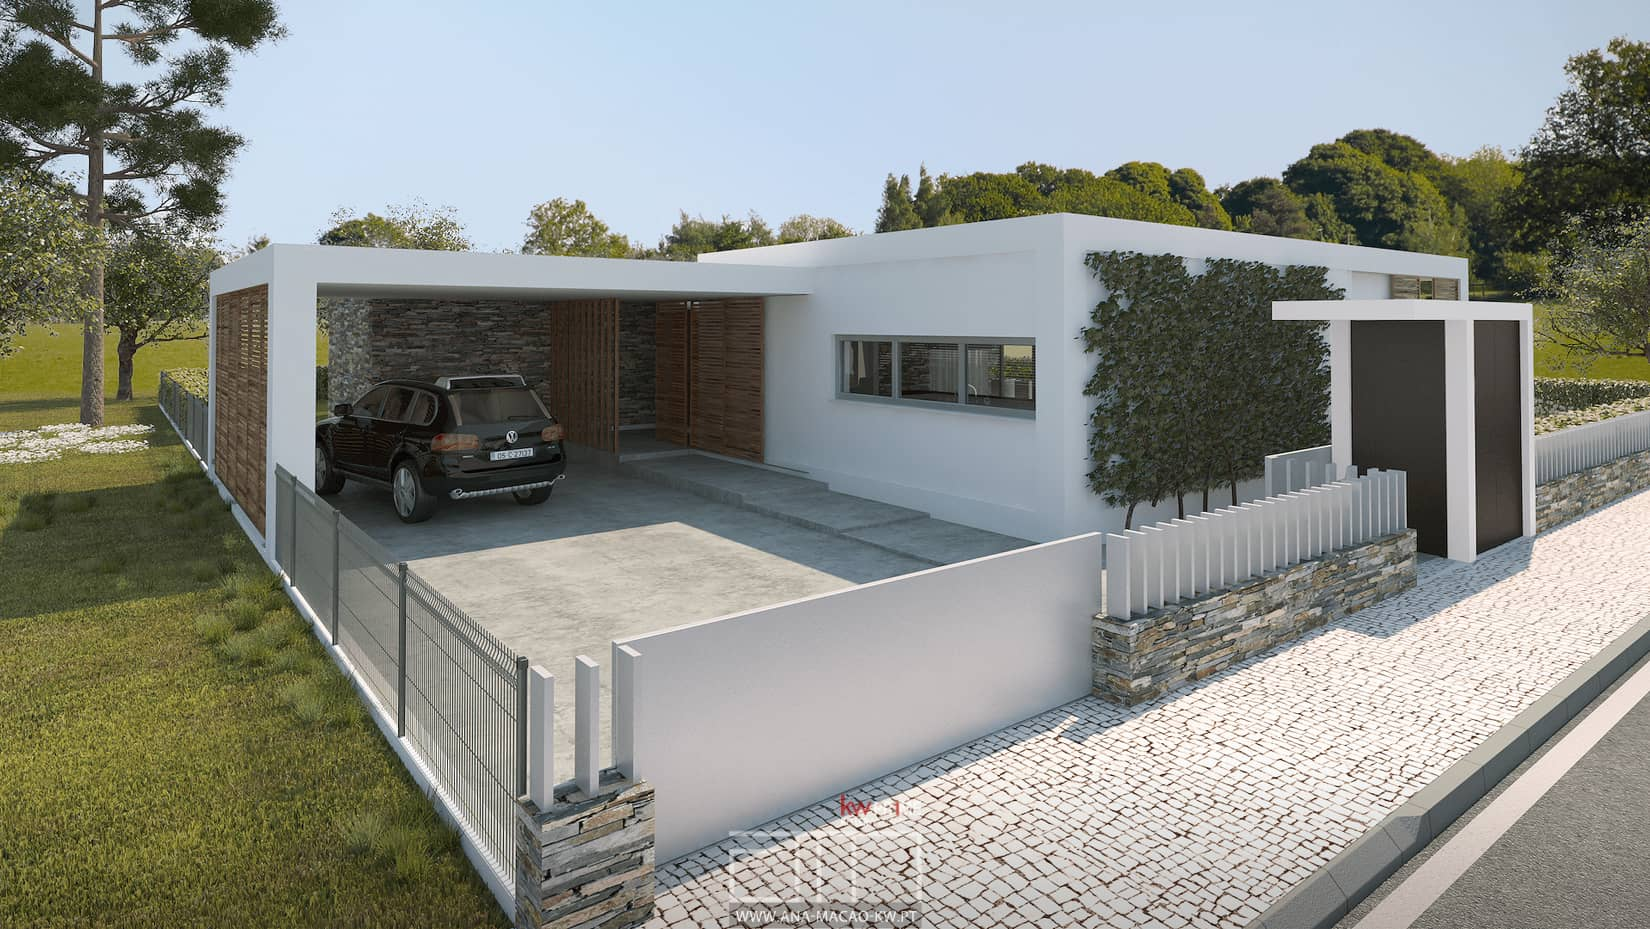 Quinta do cerrado moradia unifamiliar t4 em carnaxide for Casa moderna kw